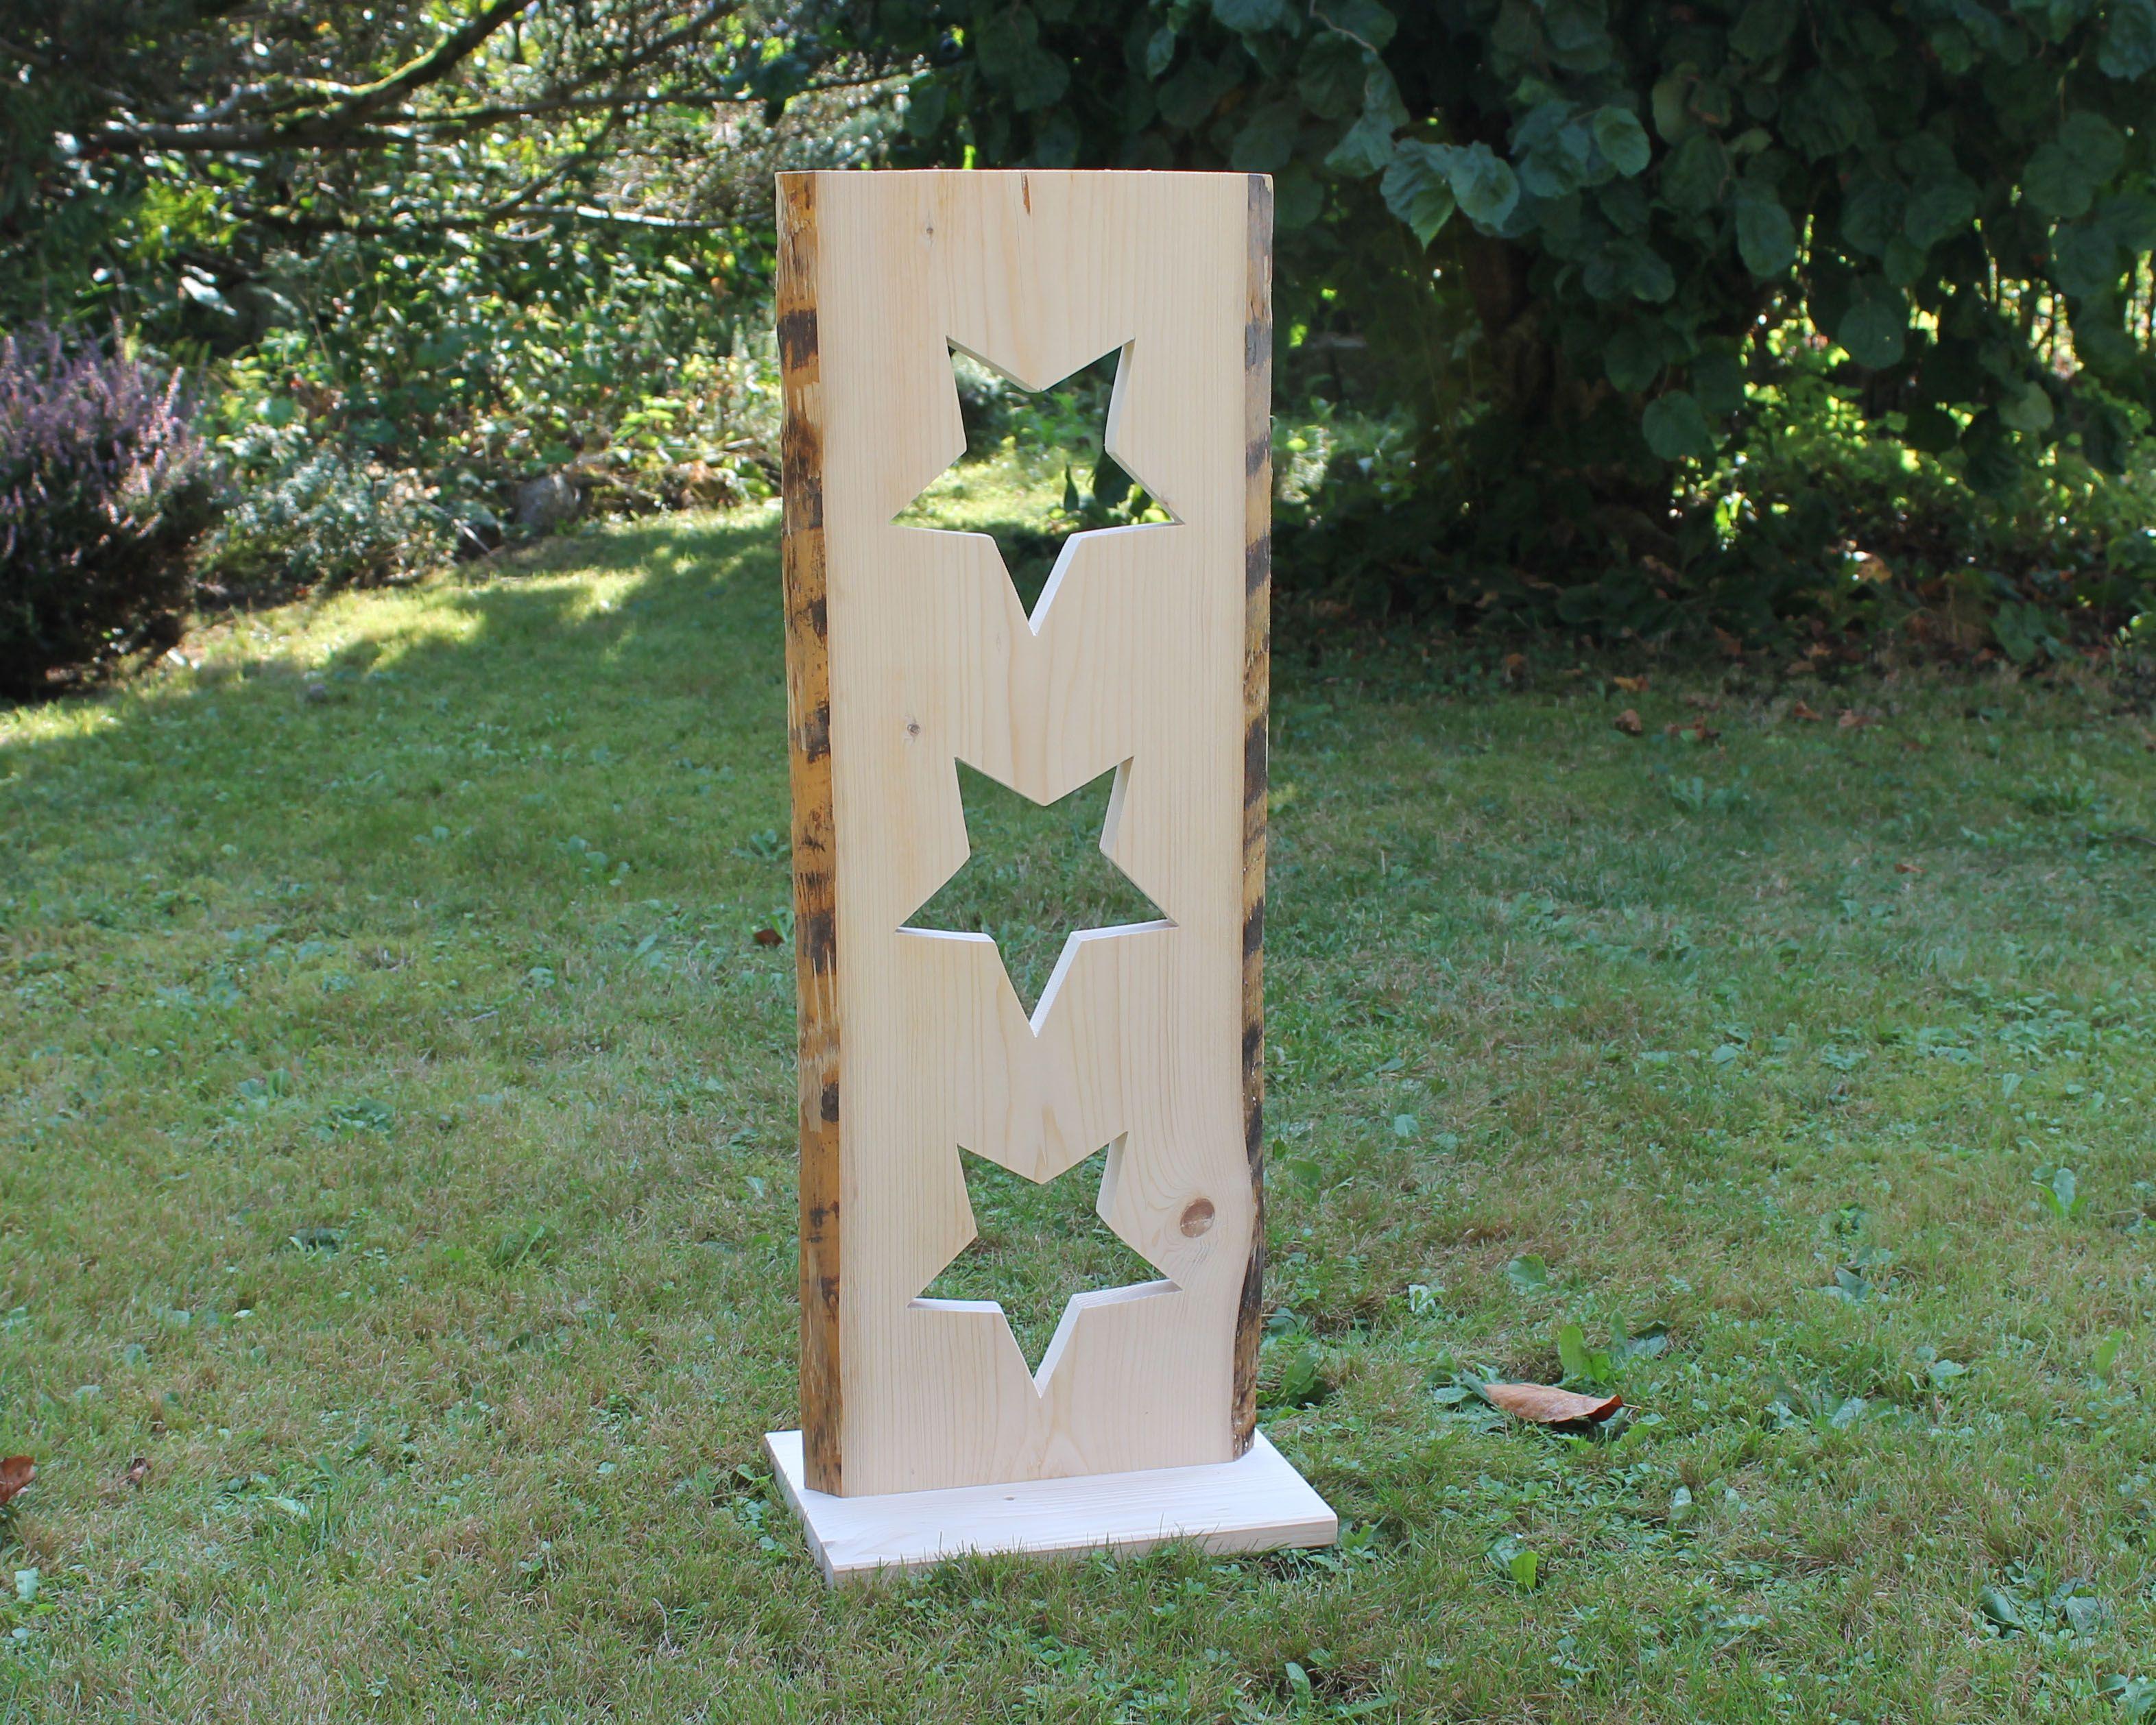 Holz Deko Weihnachten.Sternenbrett In Versch Varianten Holzdeko Weihnachten